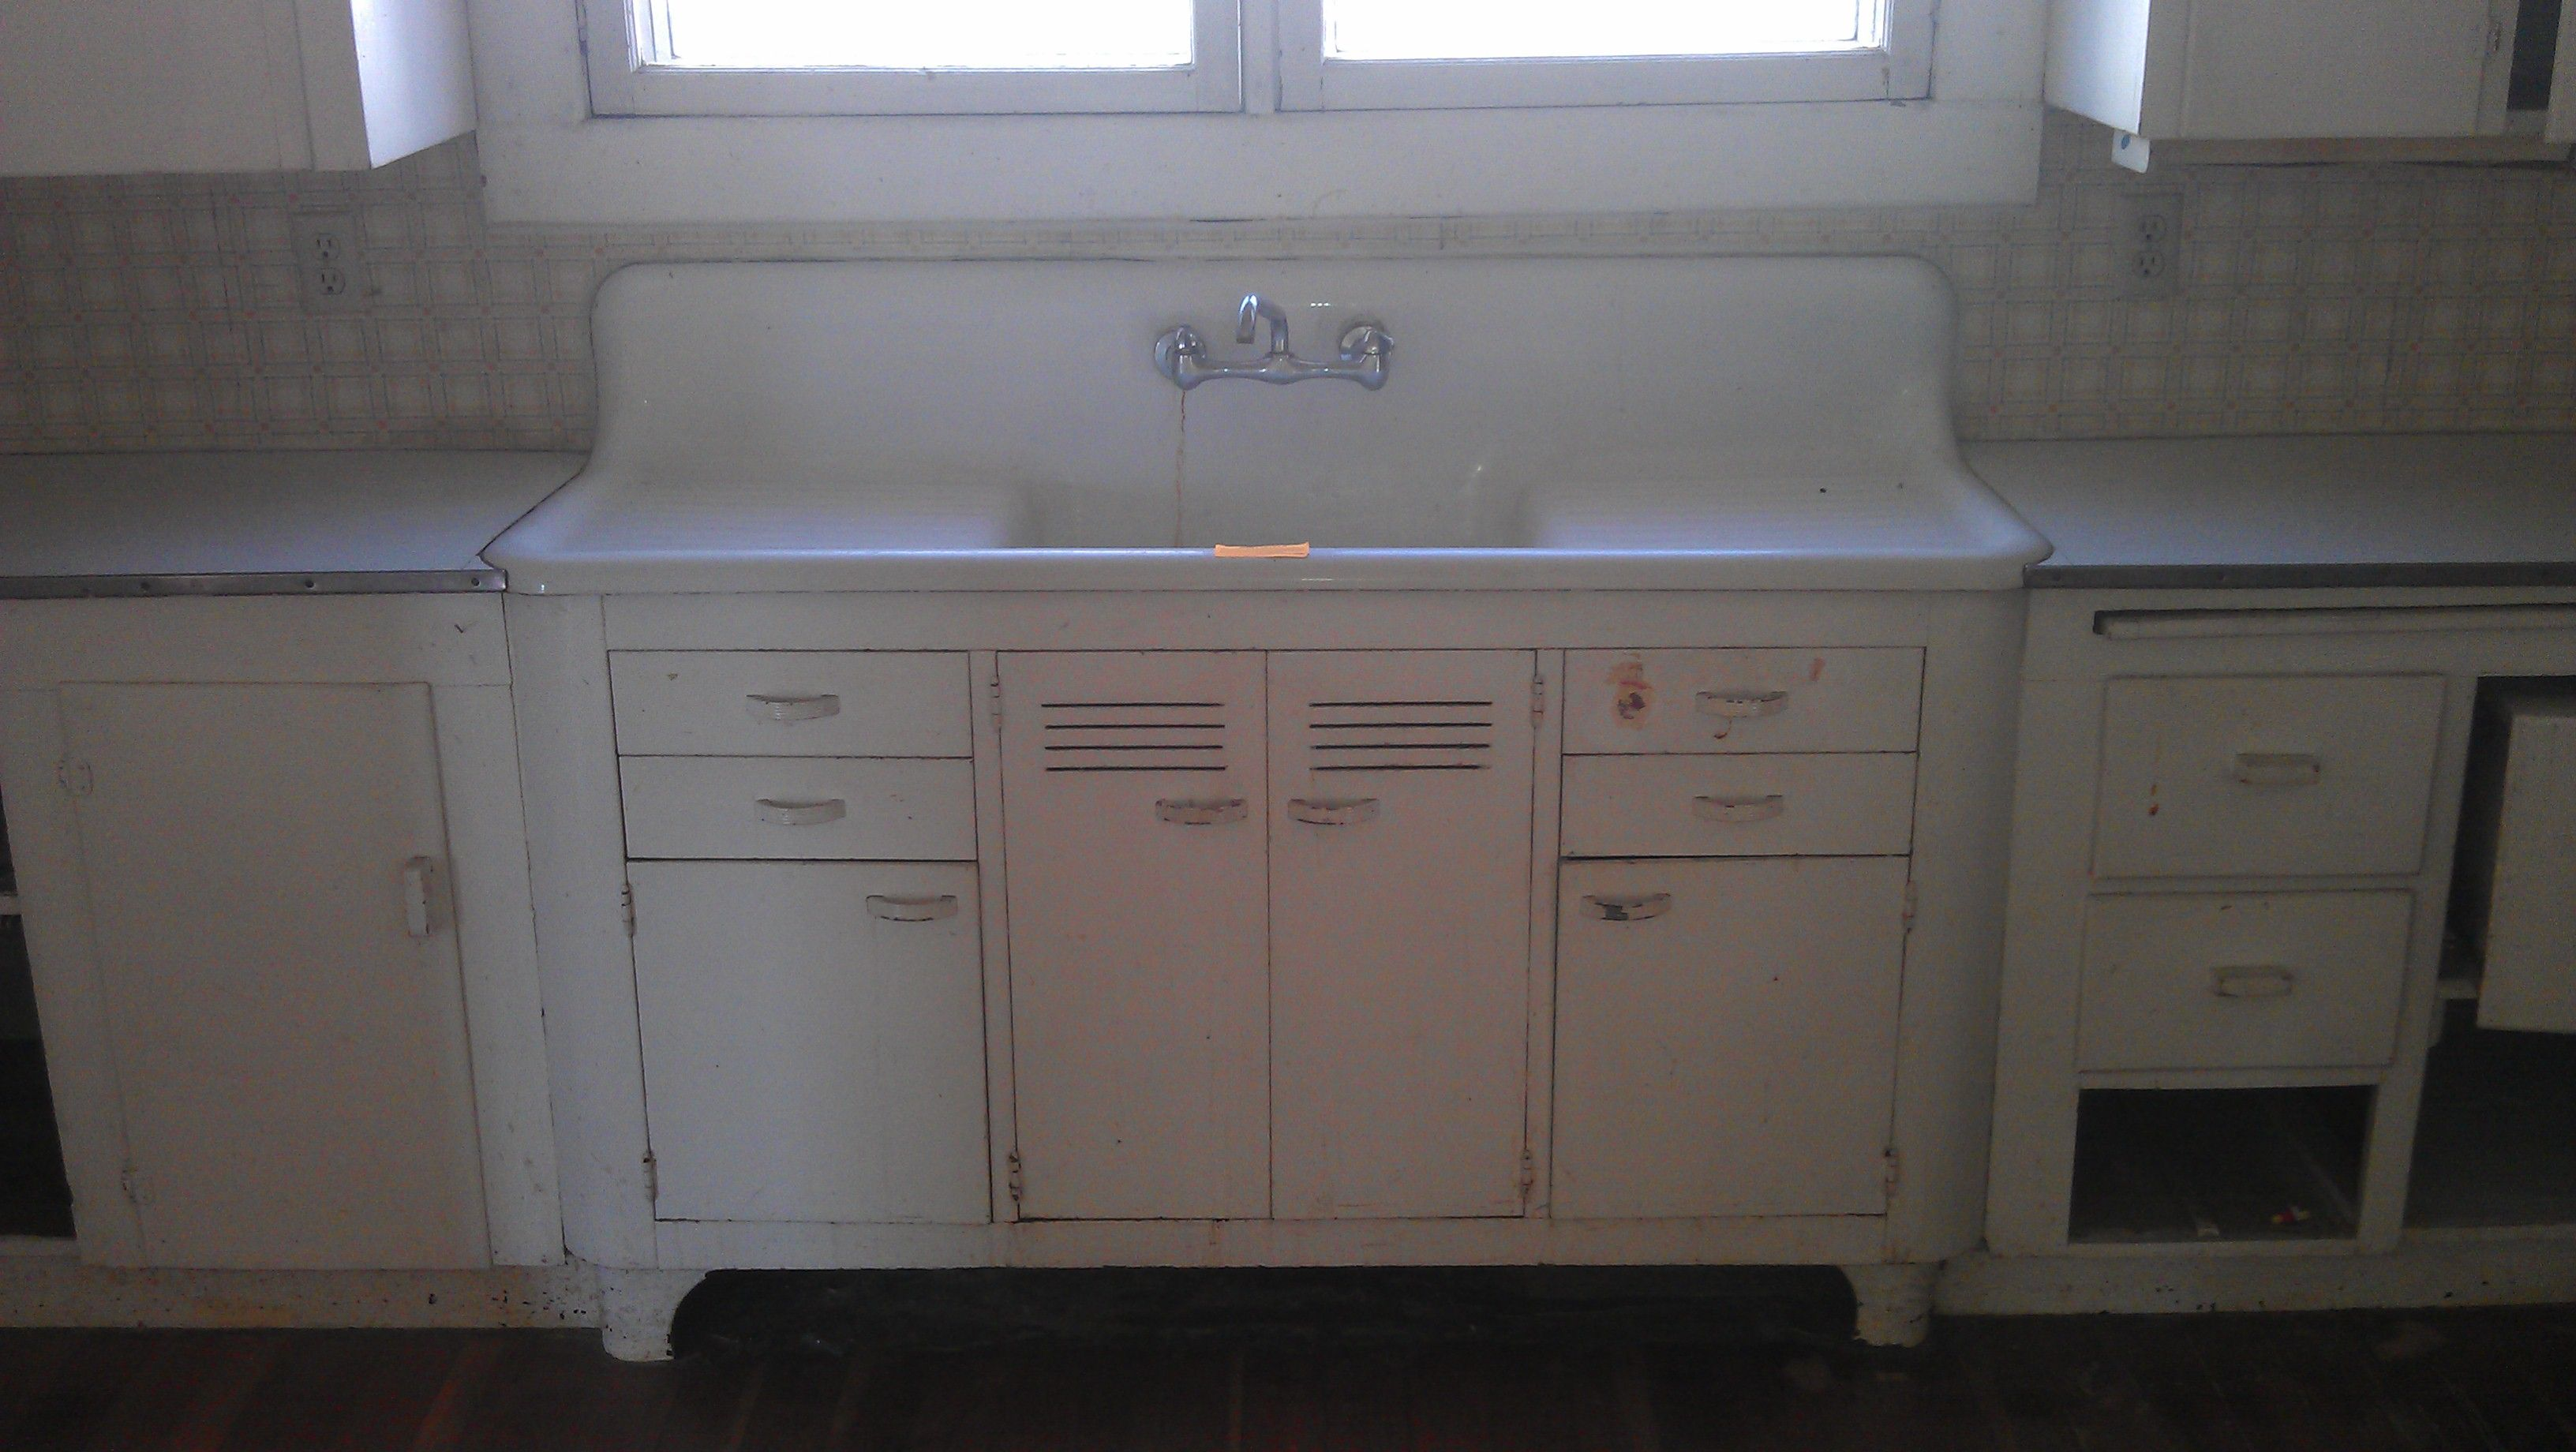 porcelain kitchen sink mounted double drain board farm sink Vintage Single Basin Double Drainboard Kitchen Sink